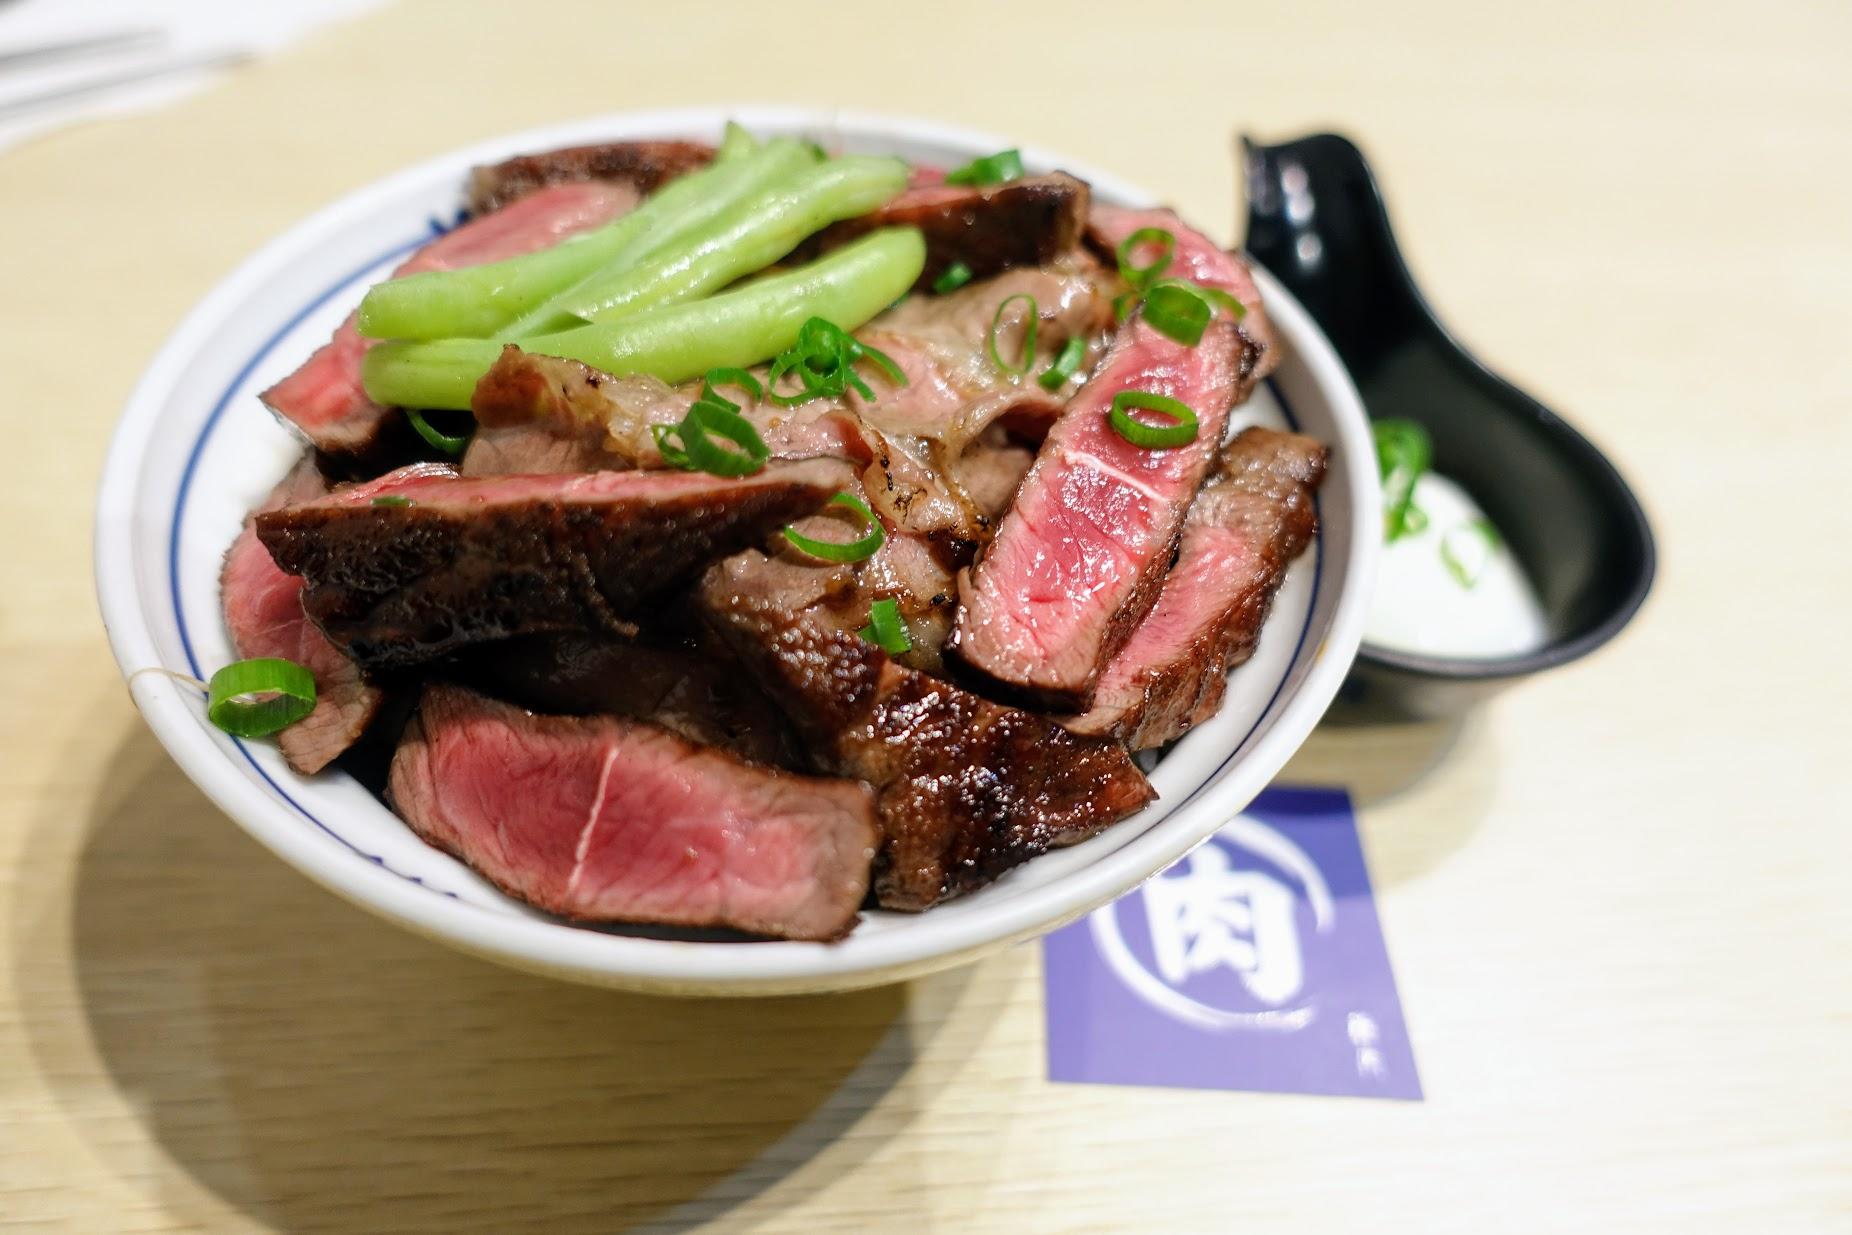 高雄-前金區-初肉-漢神店